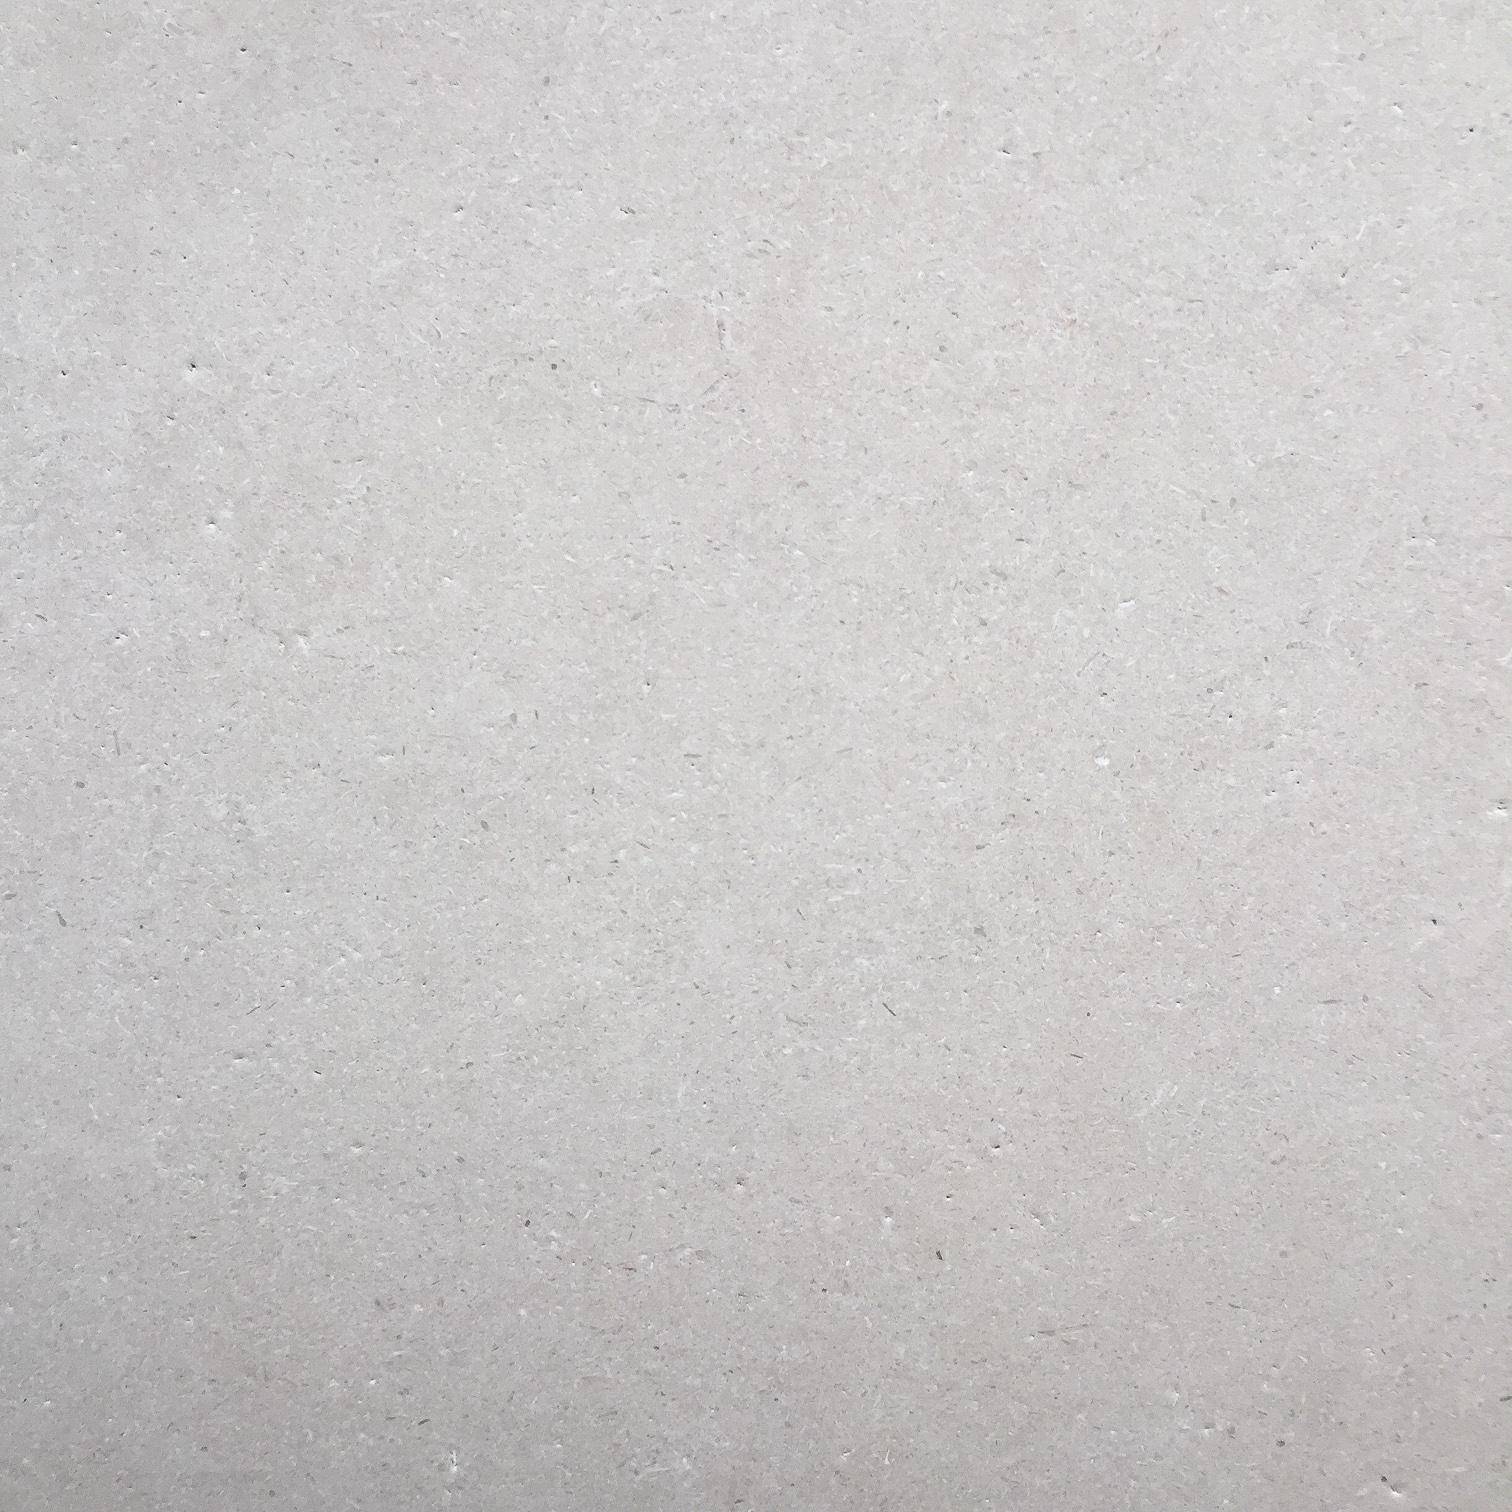 płyty gr. 2 i 3 cm